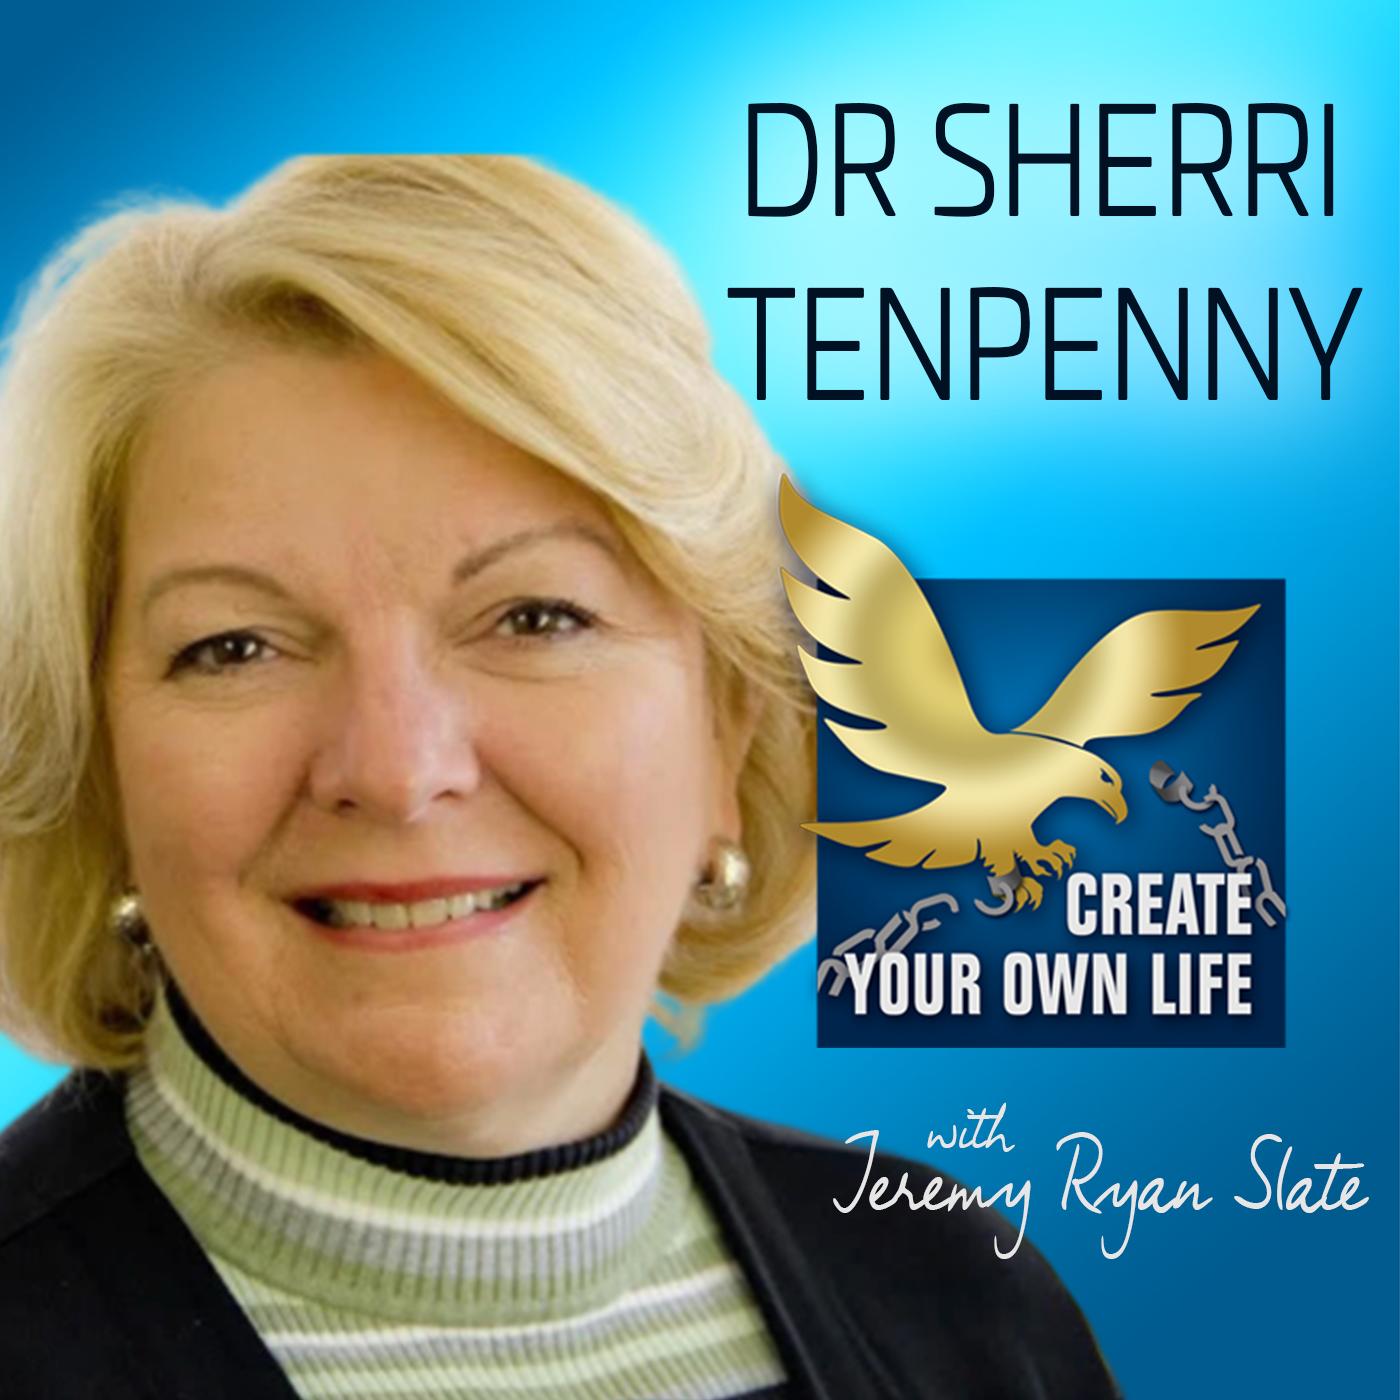 Amerikai virológus, Sherri Tenpenny elmagyarázza, hogy miért halálos a Covid 19 oltás